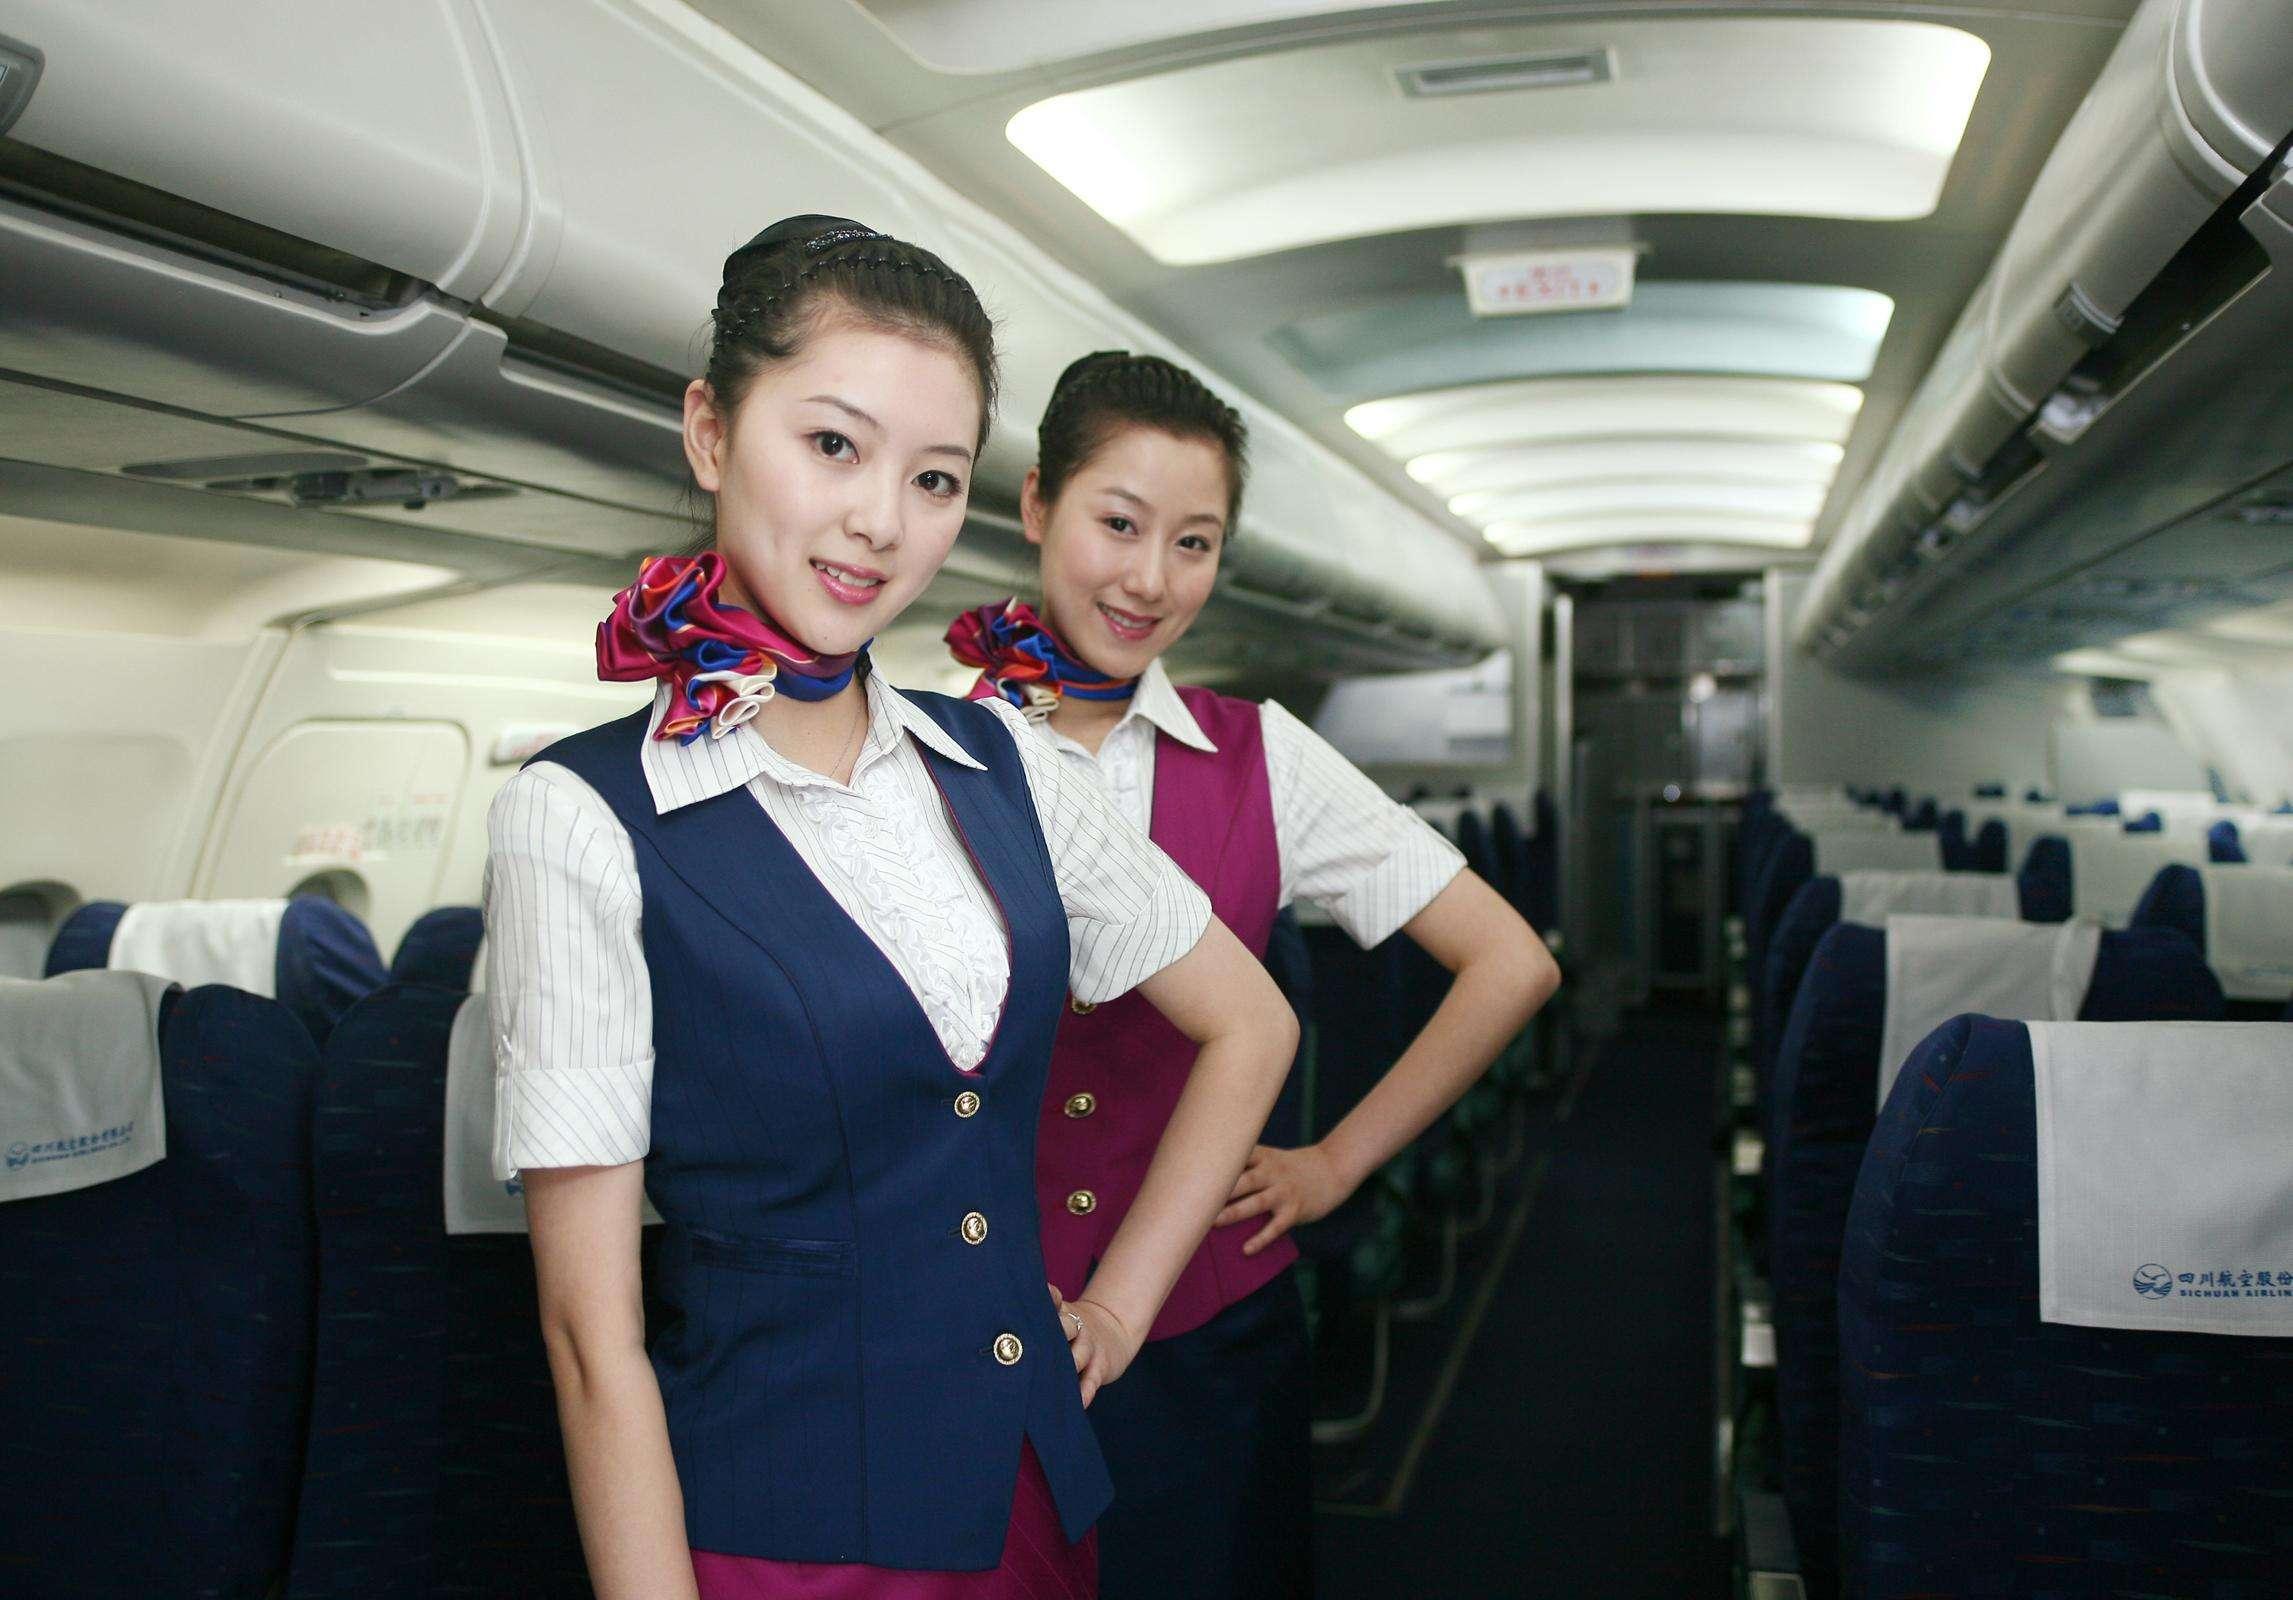 飞机座位有讲究 想获空姐优待请往后边坐